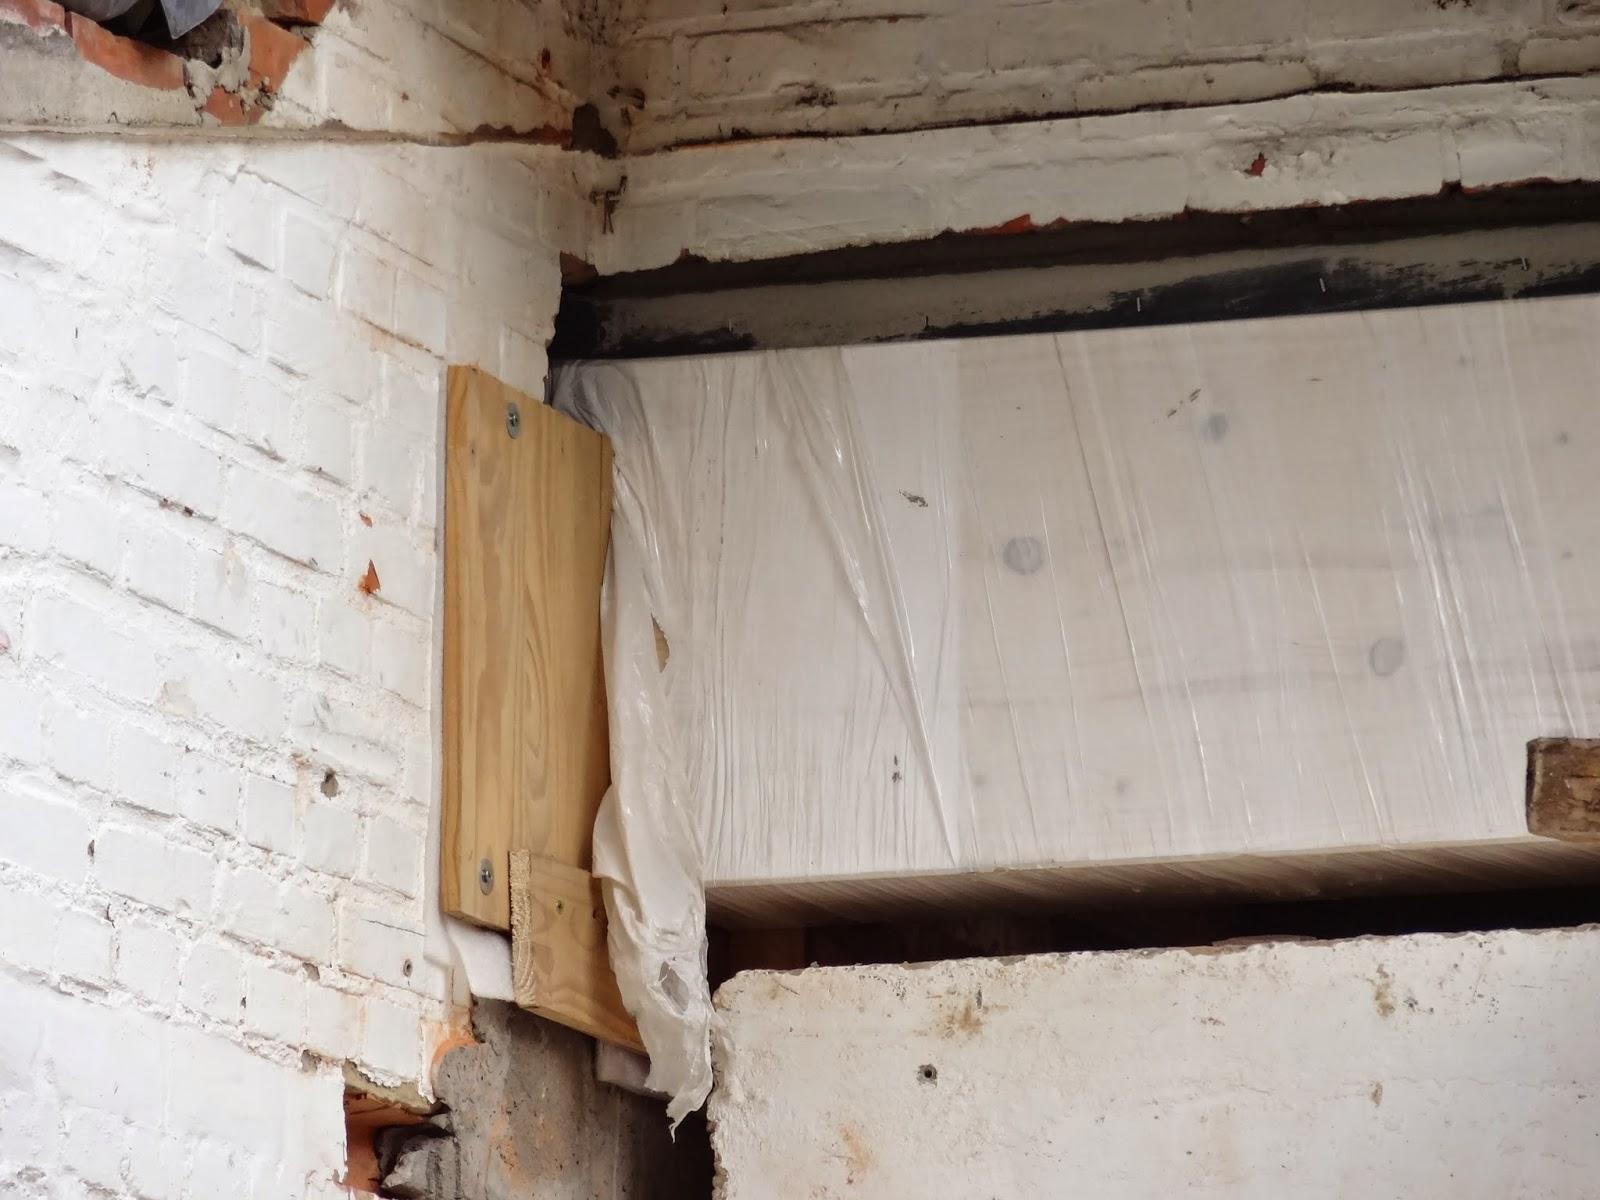 Ons ecologisch verbouwproject houten poutrel - Opruimen houten balk ...